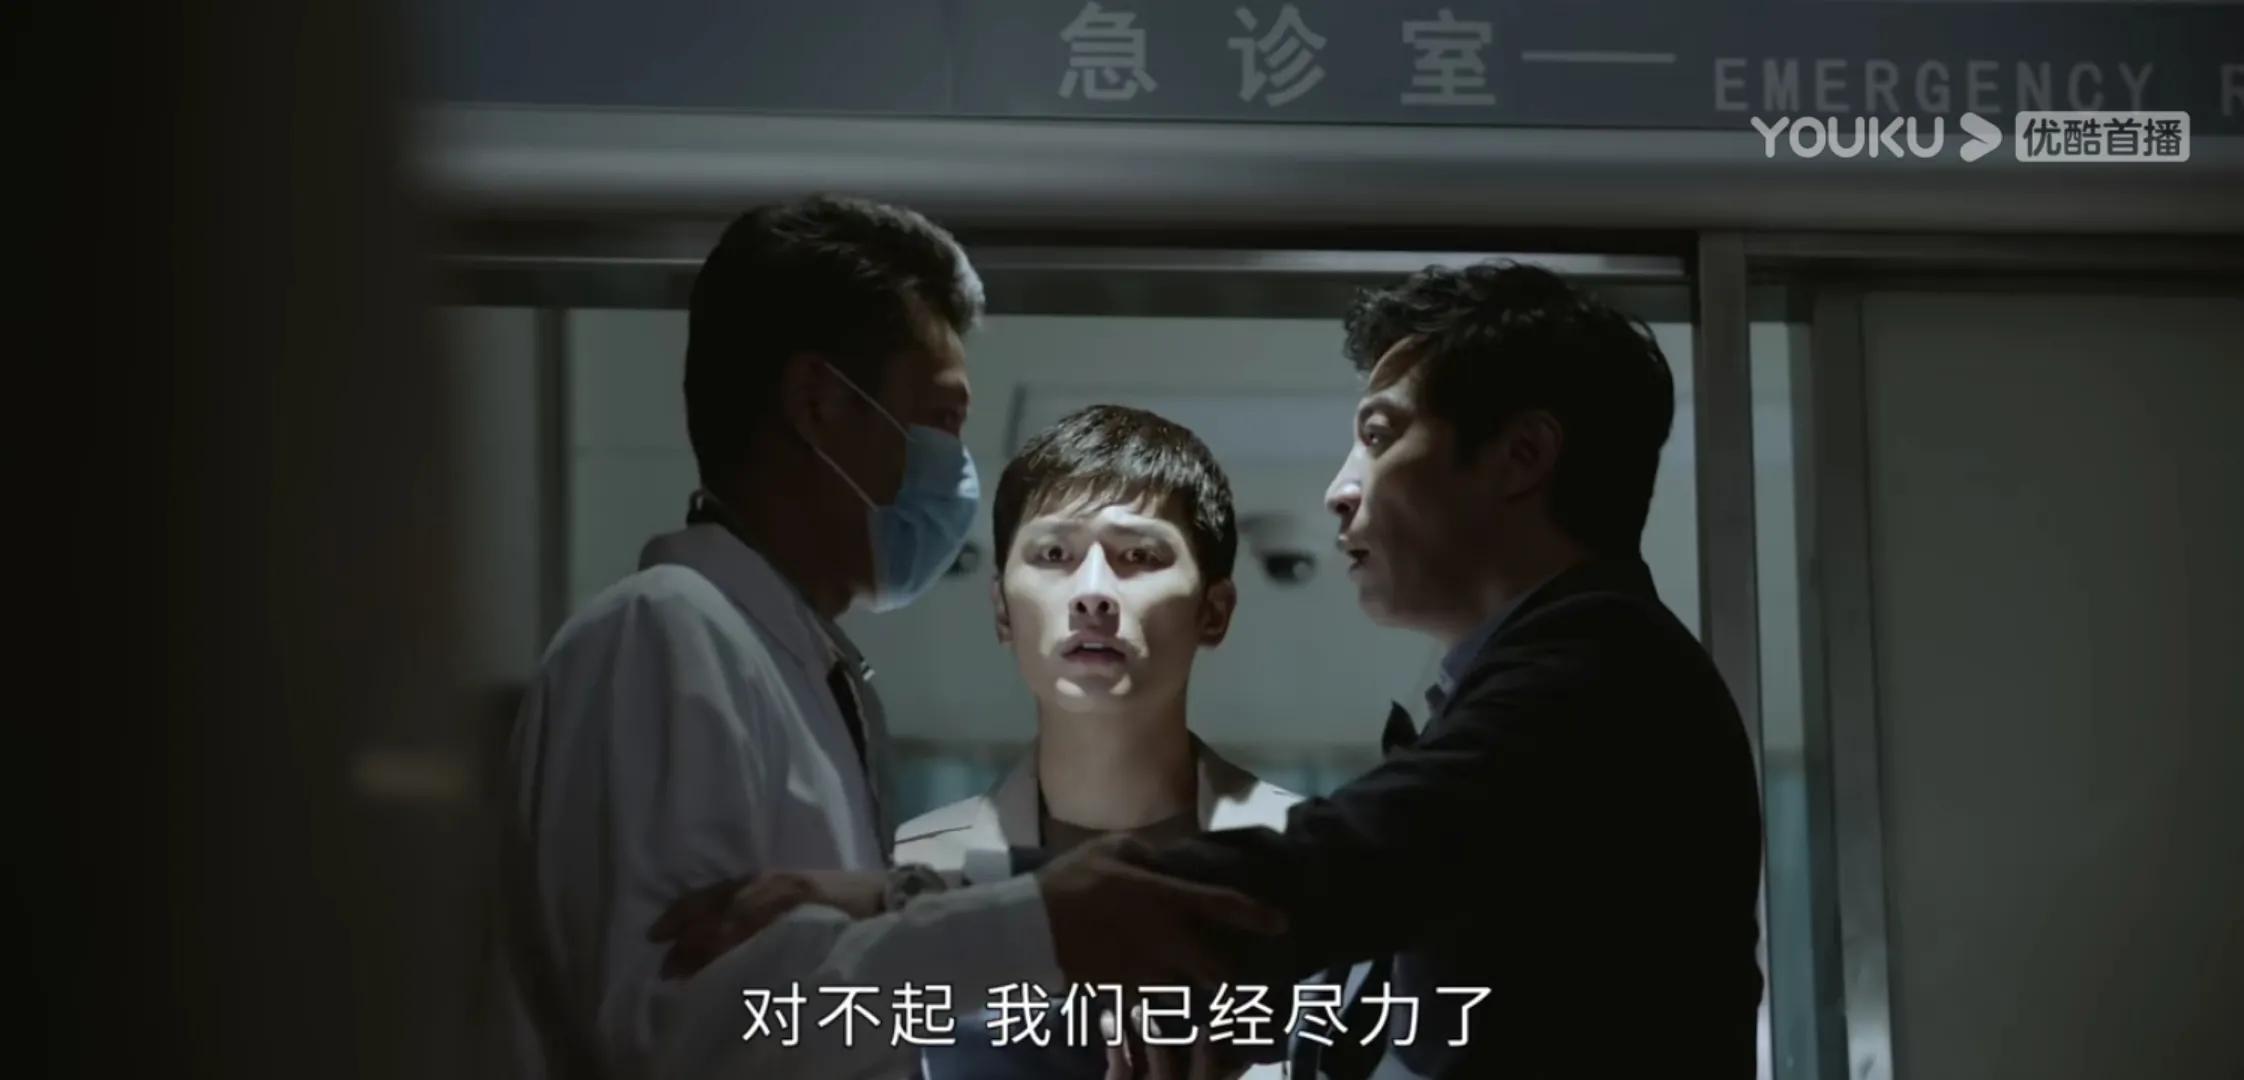 《壮志高飞》延迟3年开播有原因,情节太牵强但也有亮点值得期待